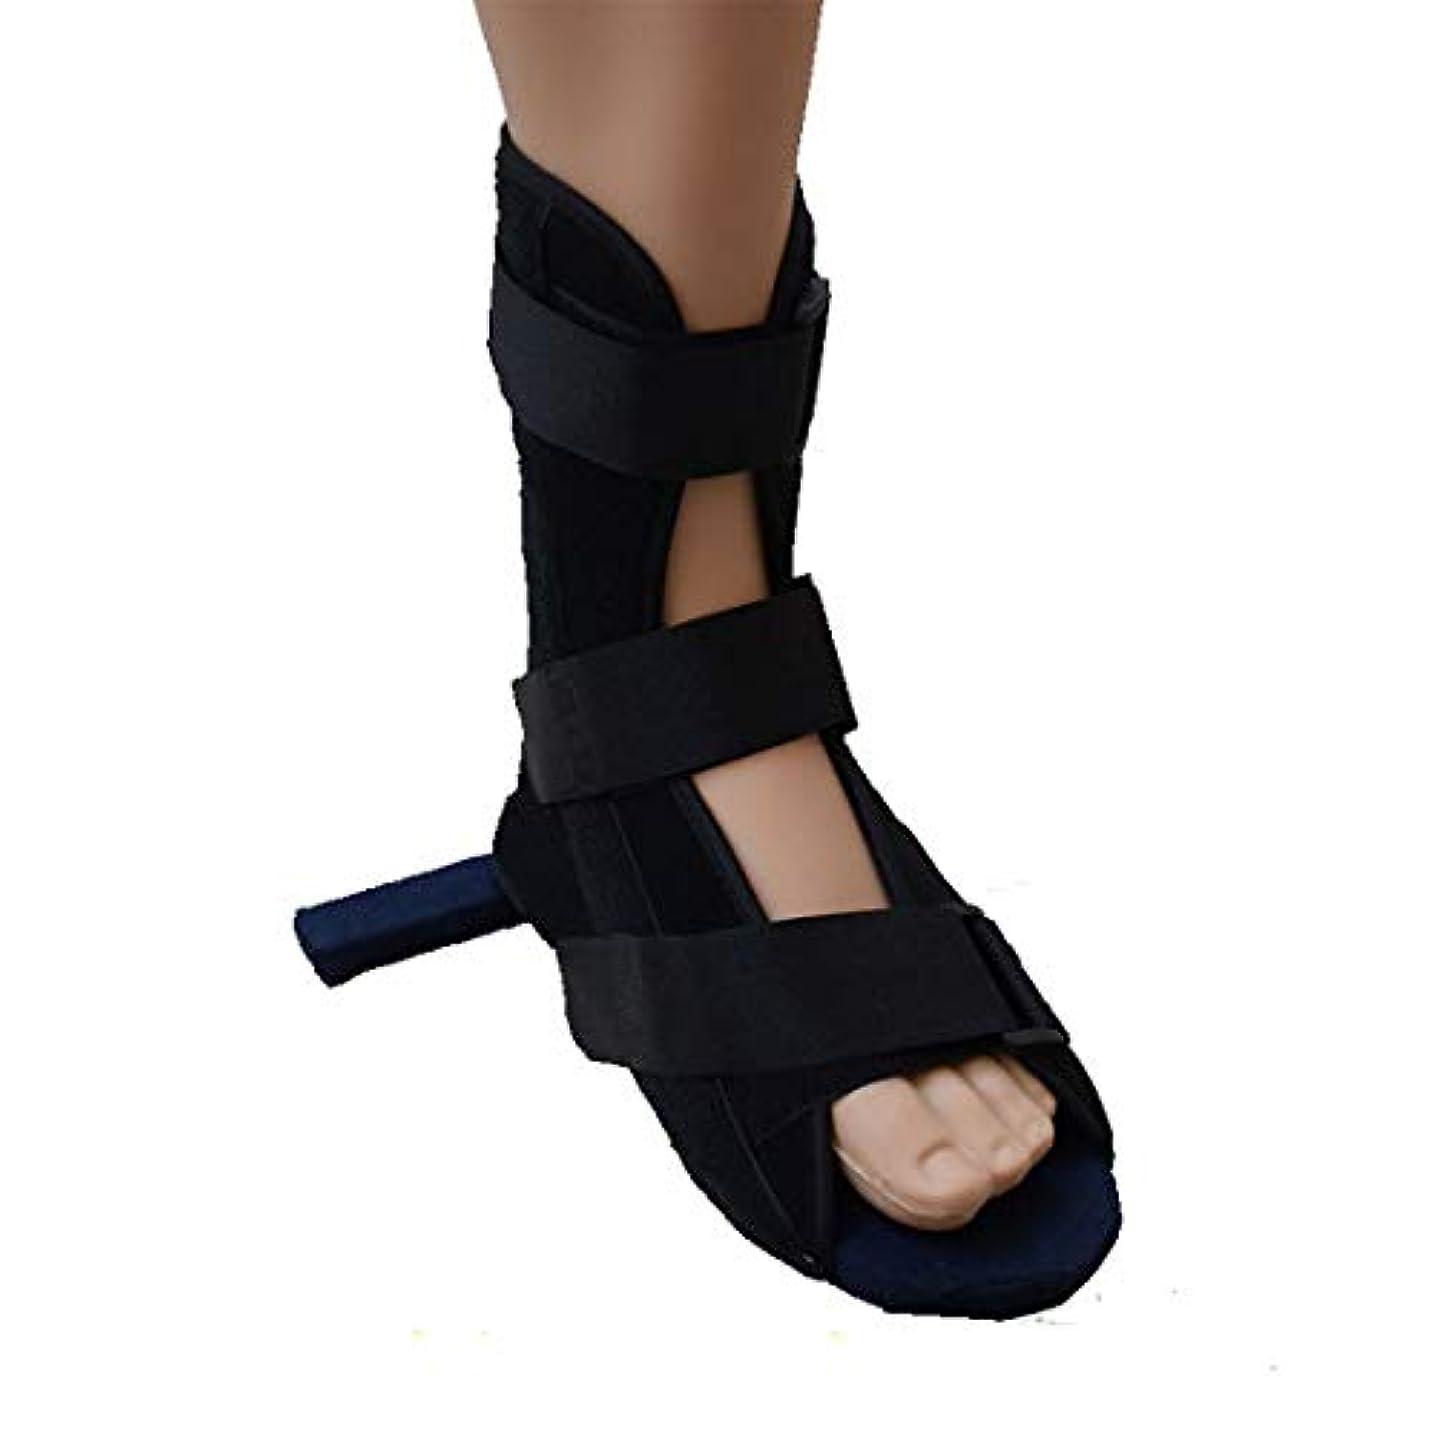 医療足骨折石膏の回復靴の手術後のつま先の靴を安定化骨折の靴を調整可能なファスナーで完全なカバー,M